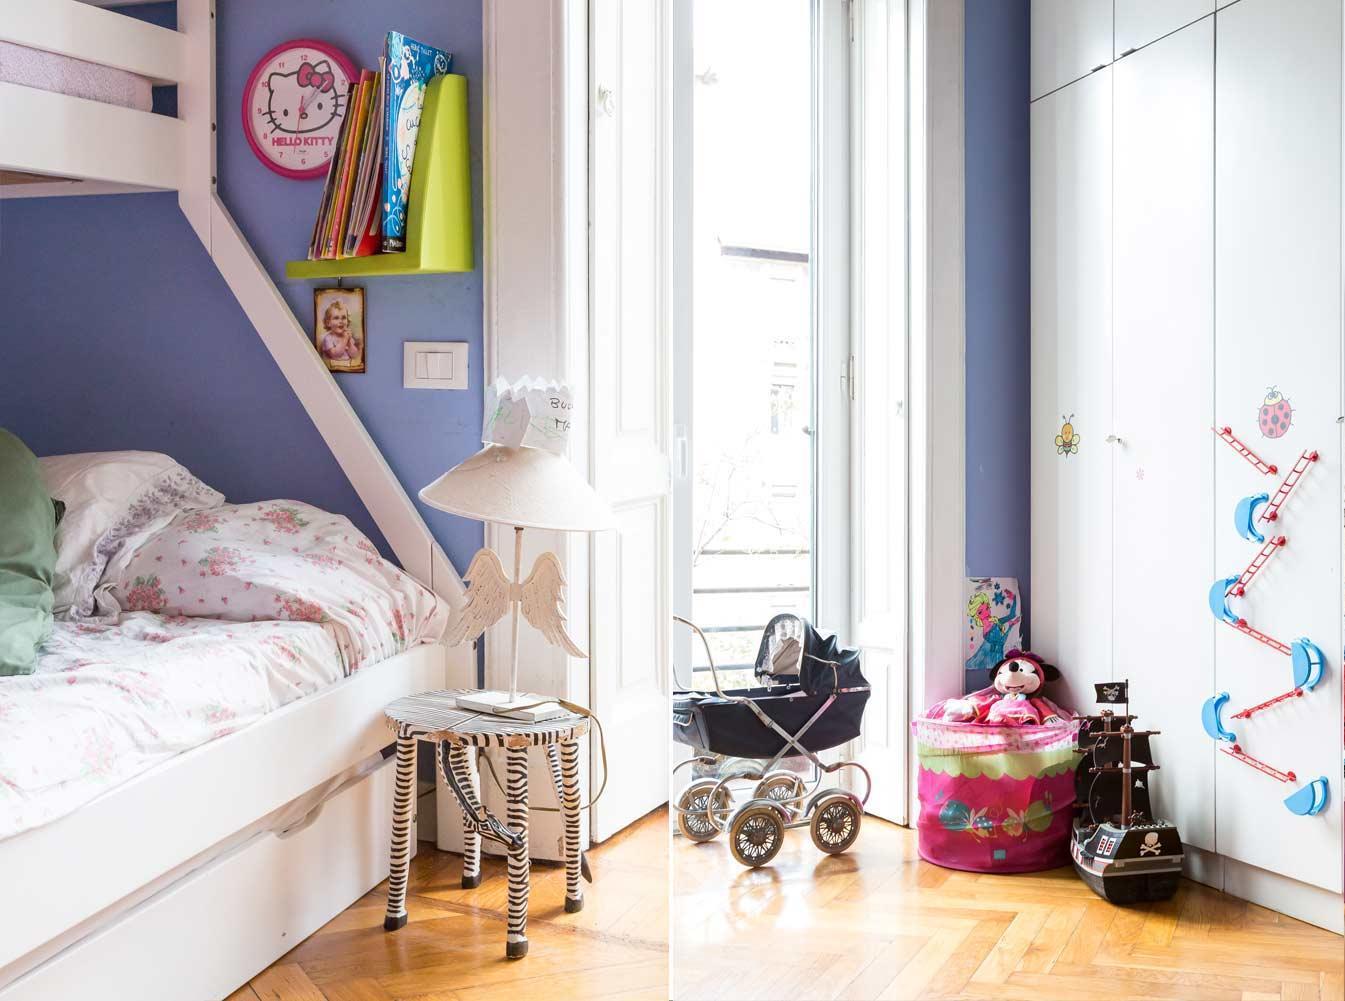 Casa classica, Casa, Stile. Classico, Stile classico, Arredamento, Milano